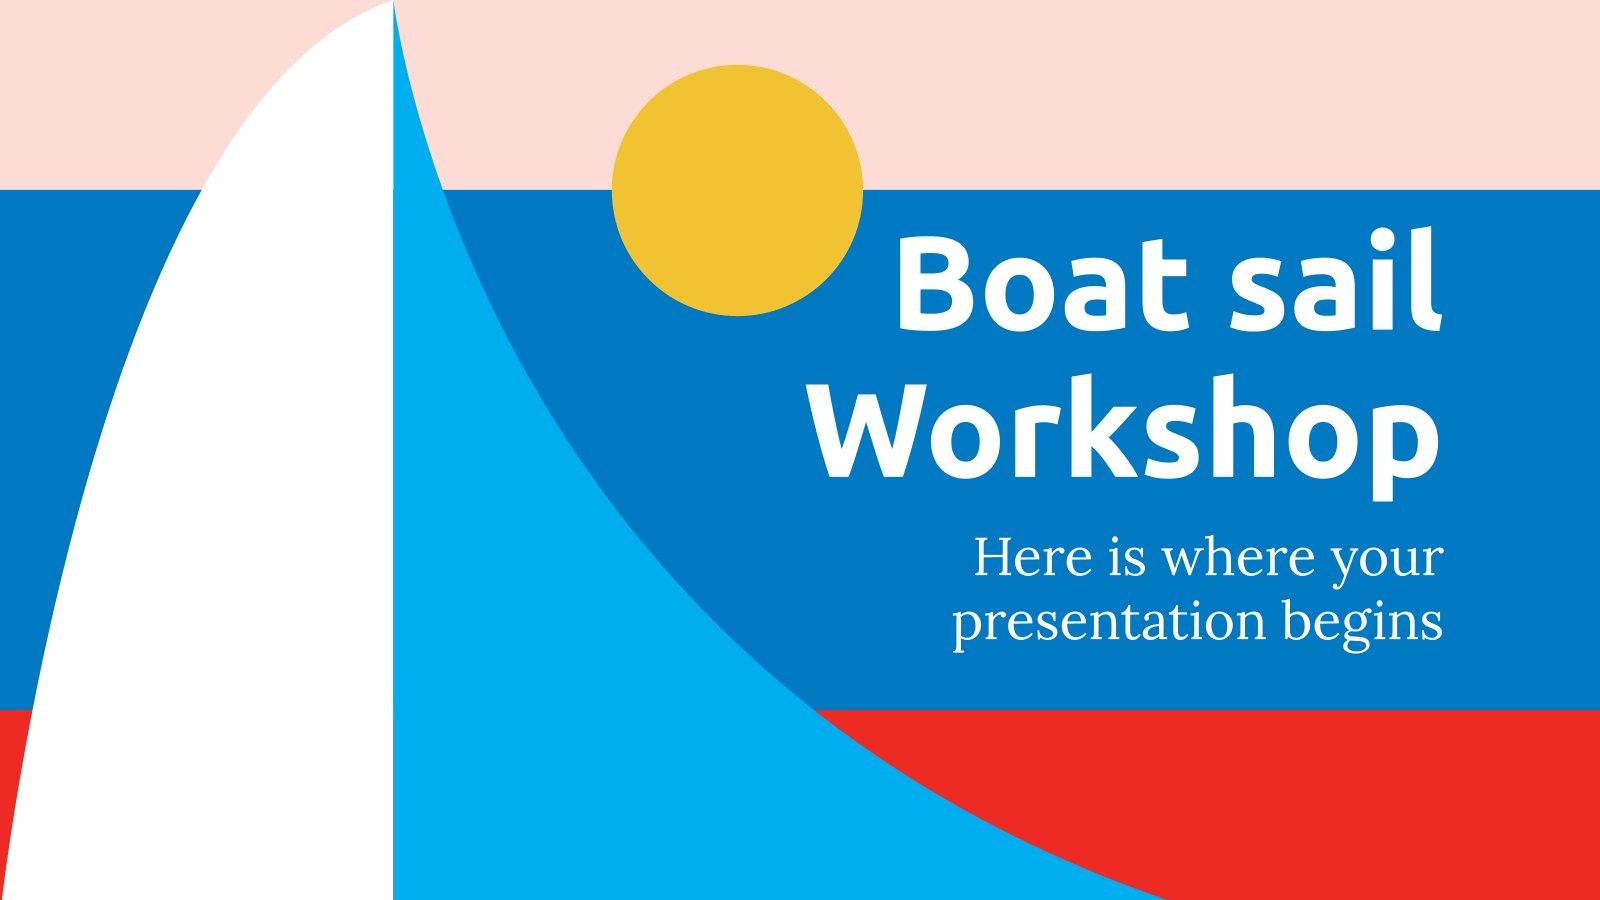 Boat Sail Workshop presentation template